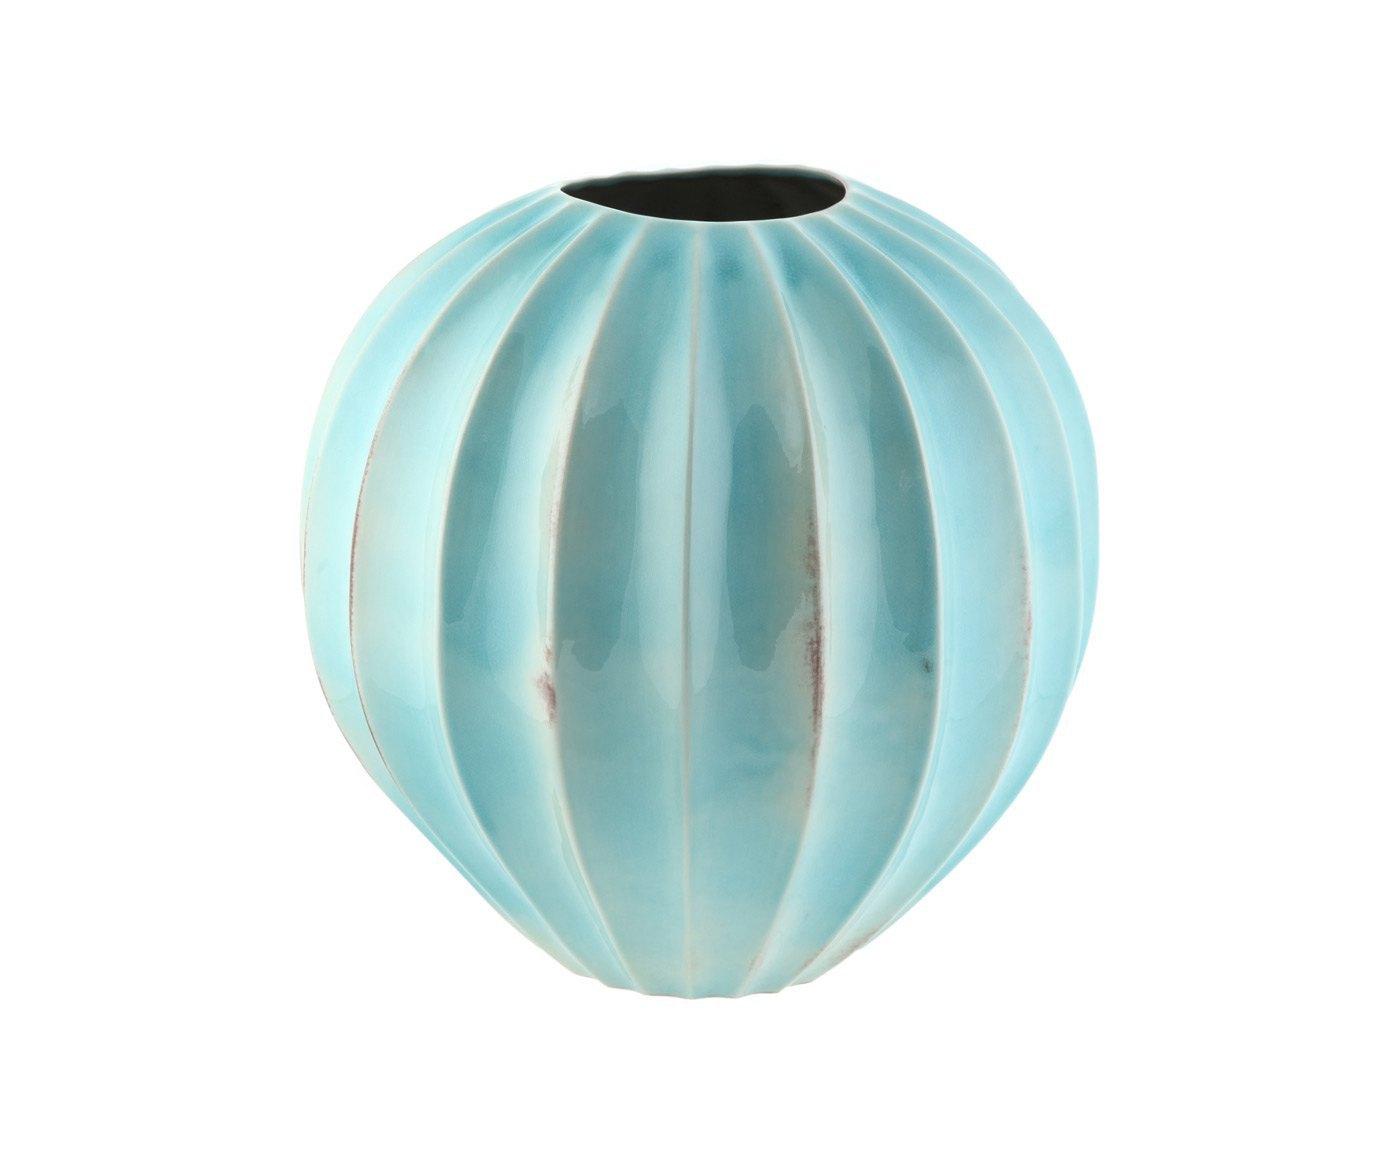 Вазы напольные Элитная ваза декоративная напольная Paradise с крышкой от S. Bernardo elitnaya-vaza-dekorativnaya-napolnaya-s-kryshkoy-paradise-ot-s-bernardo-portugaliya.jpg